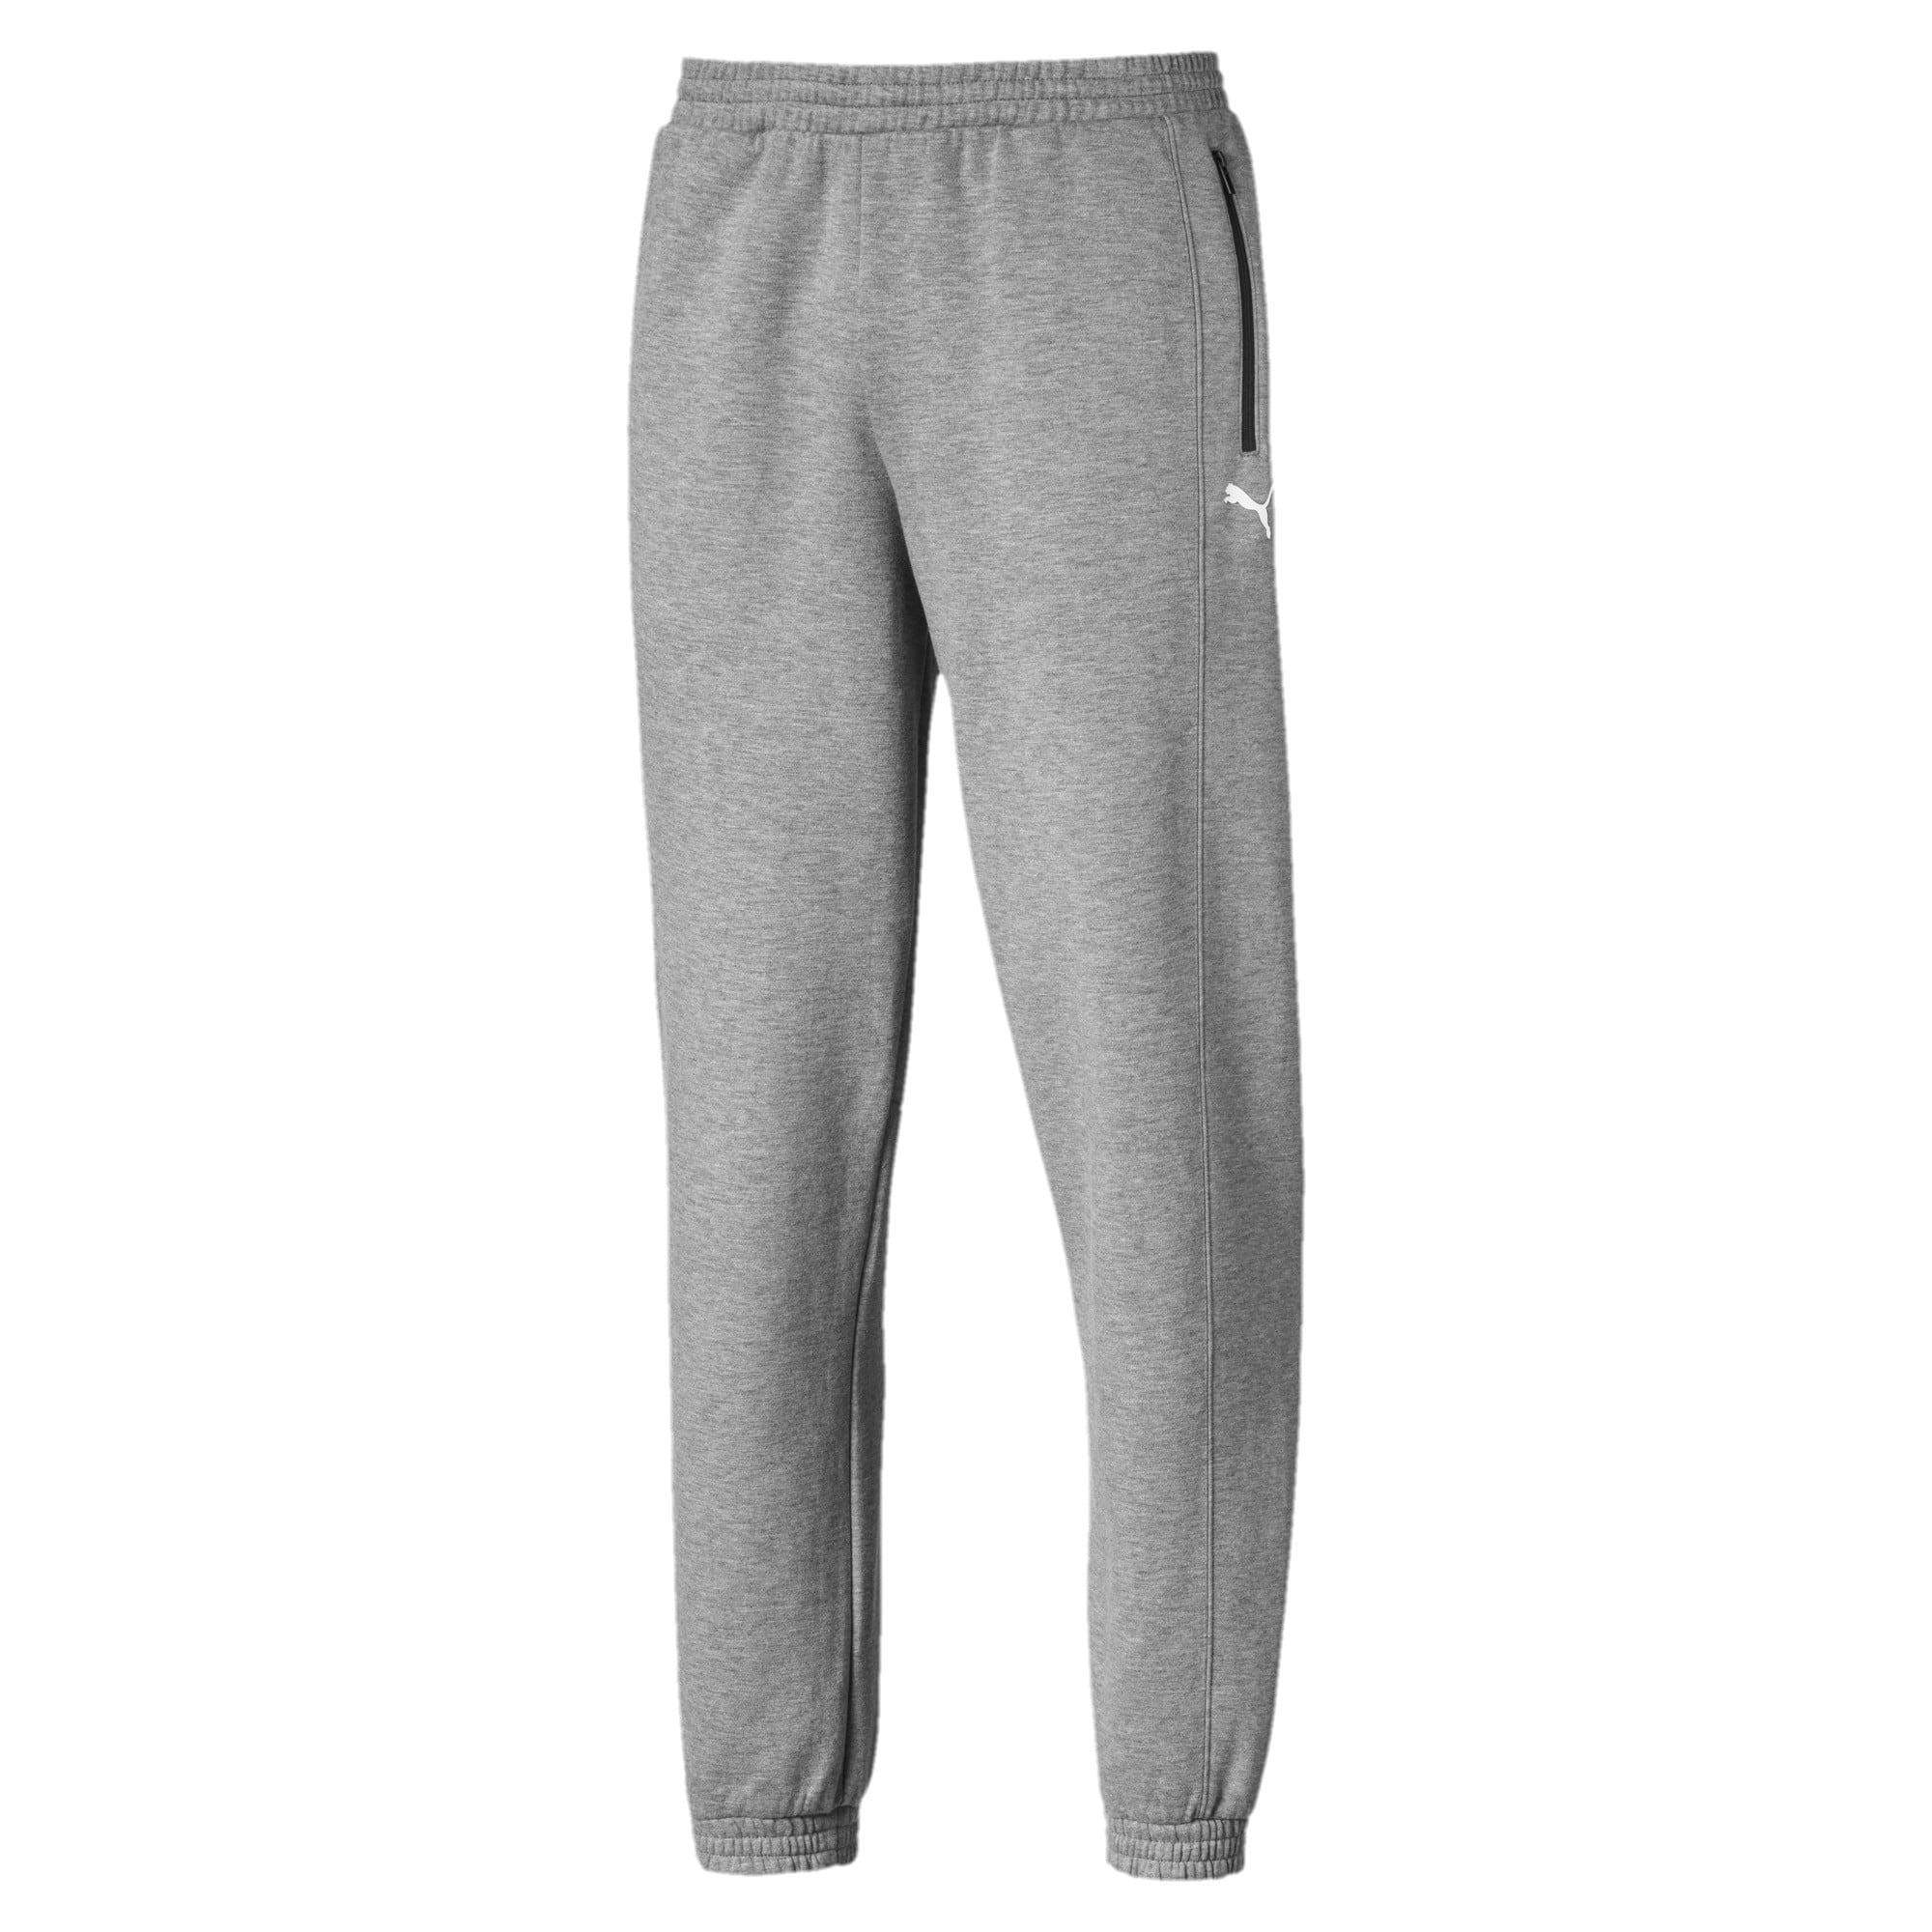 Thumbnail 4 of Ferrari Men's Sweatpants, Medium Gray Heather, medium